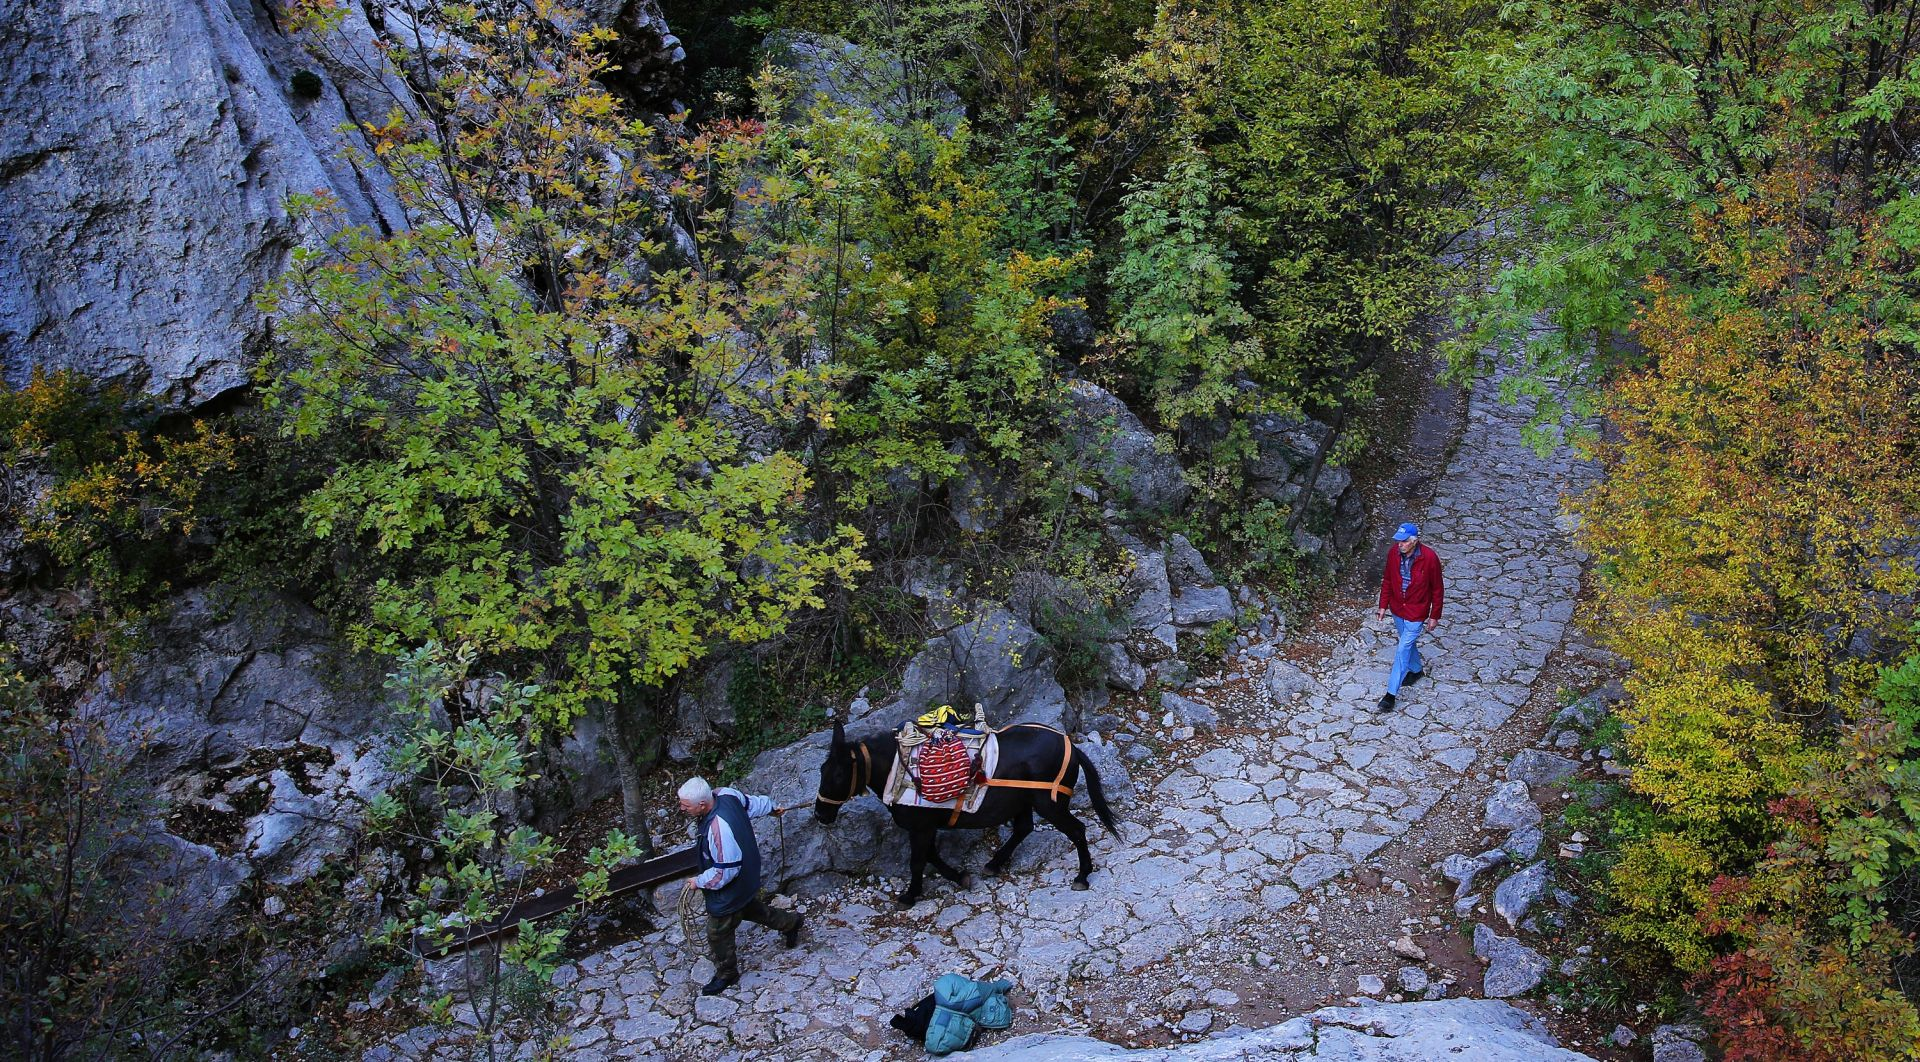 Nacionalni park Paklenica slavi 66. rođendan, 18. i 19. listopada posjetiteljima besplatan ulaz